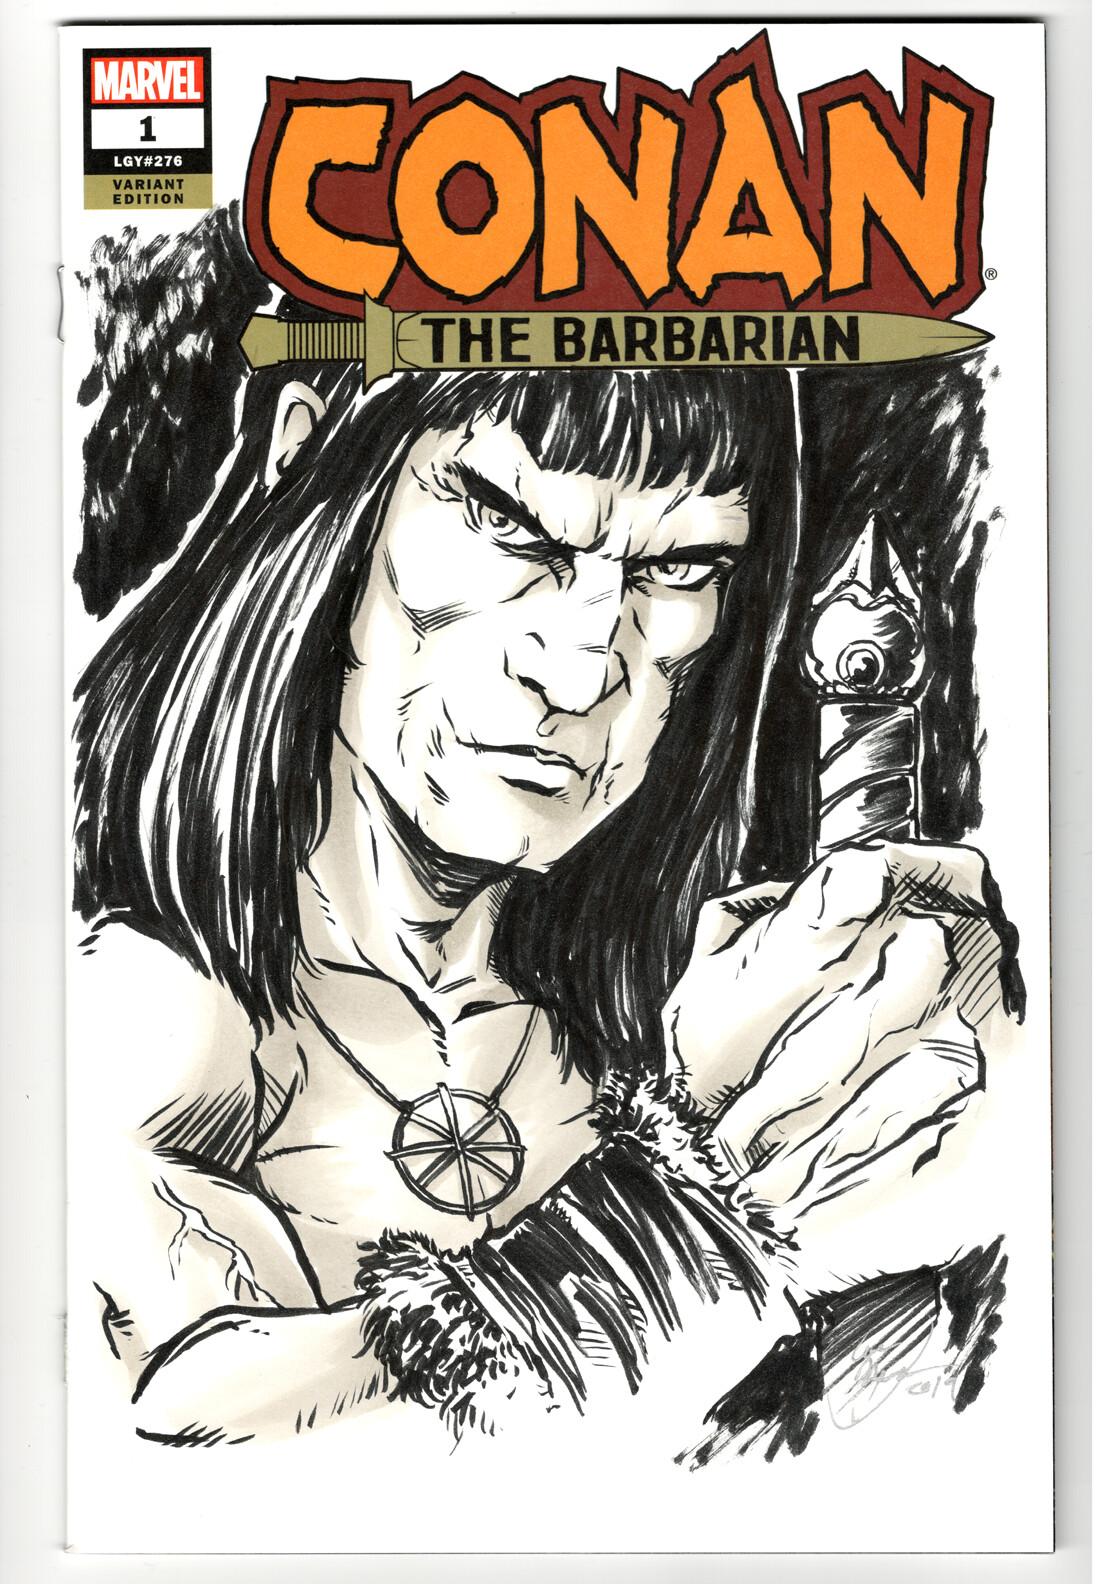 Loc nguyen 2019 04 17 conan the barbarian